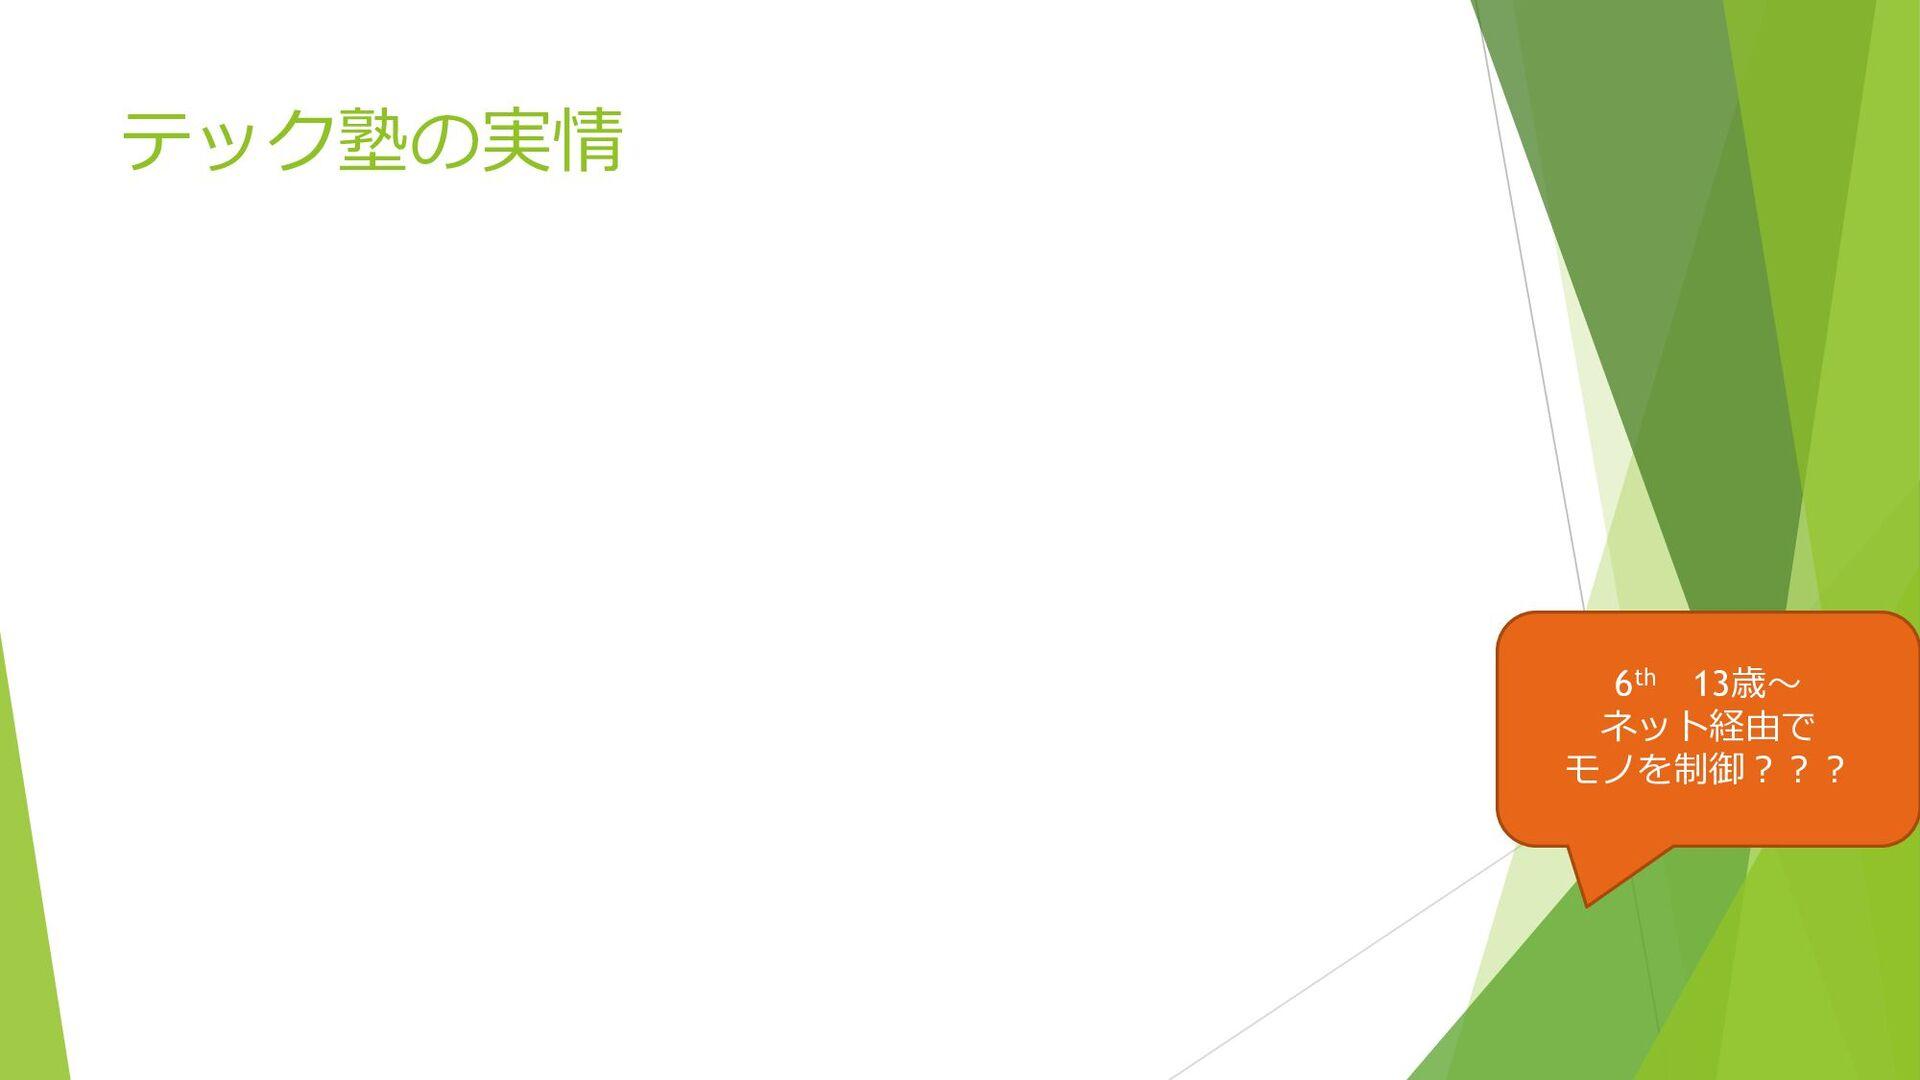 テック塾の実情 6th 13歳~ ネット経由で モノを制御???